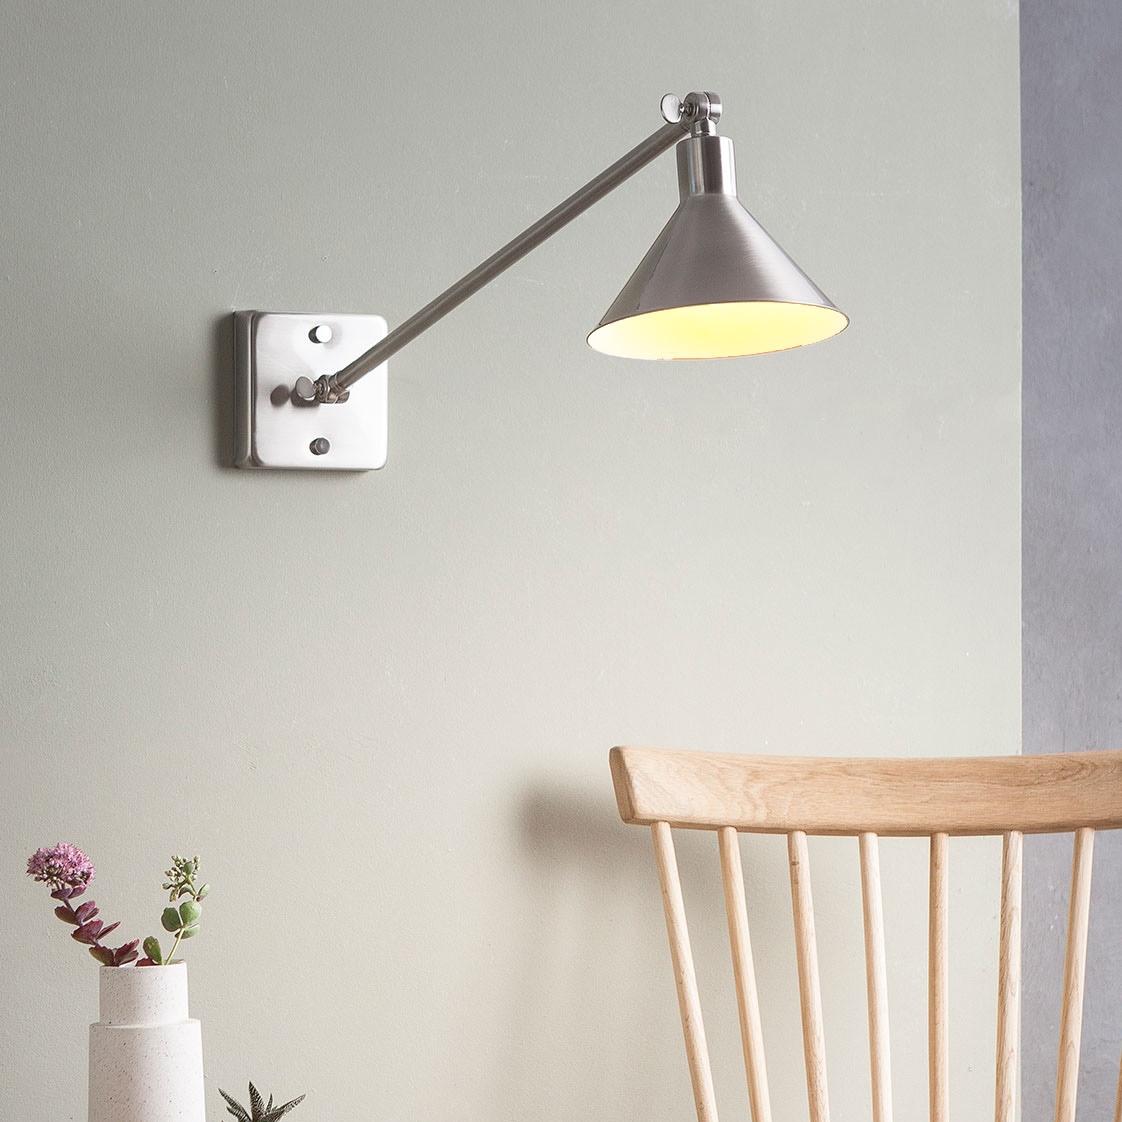 leuchte mit ausleger arm und zwei gelenken zur wand und. Black Bedroom Furniture Sets. Home Design Ideas